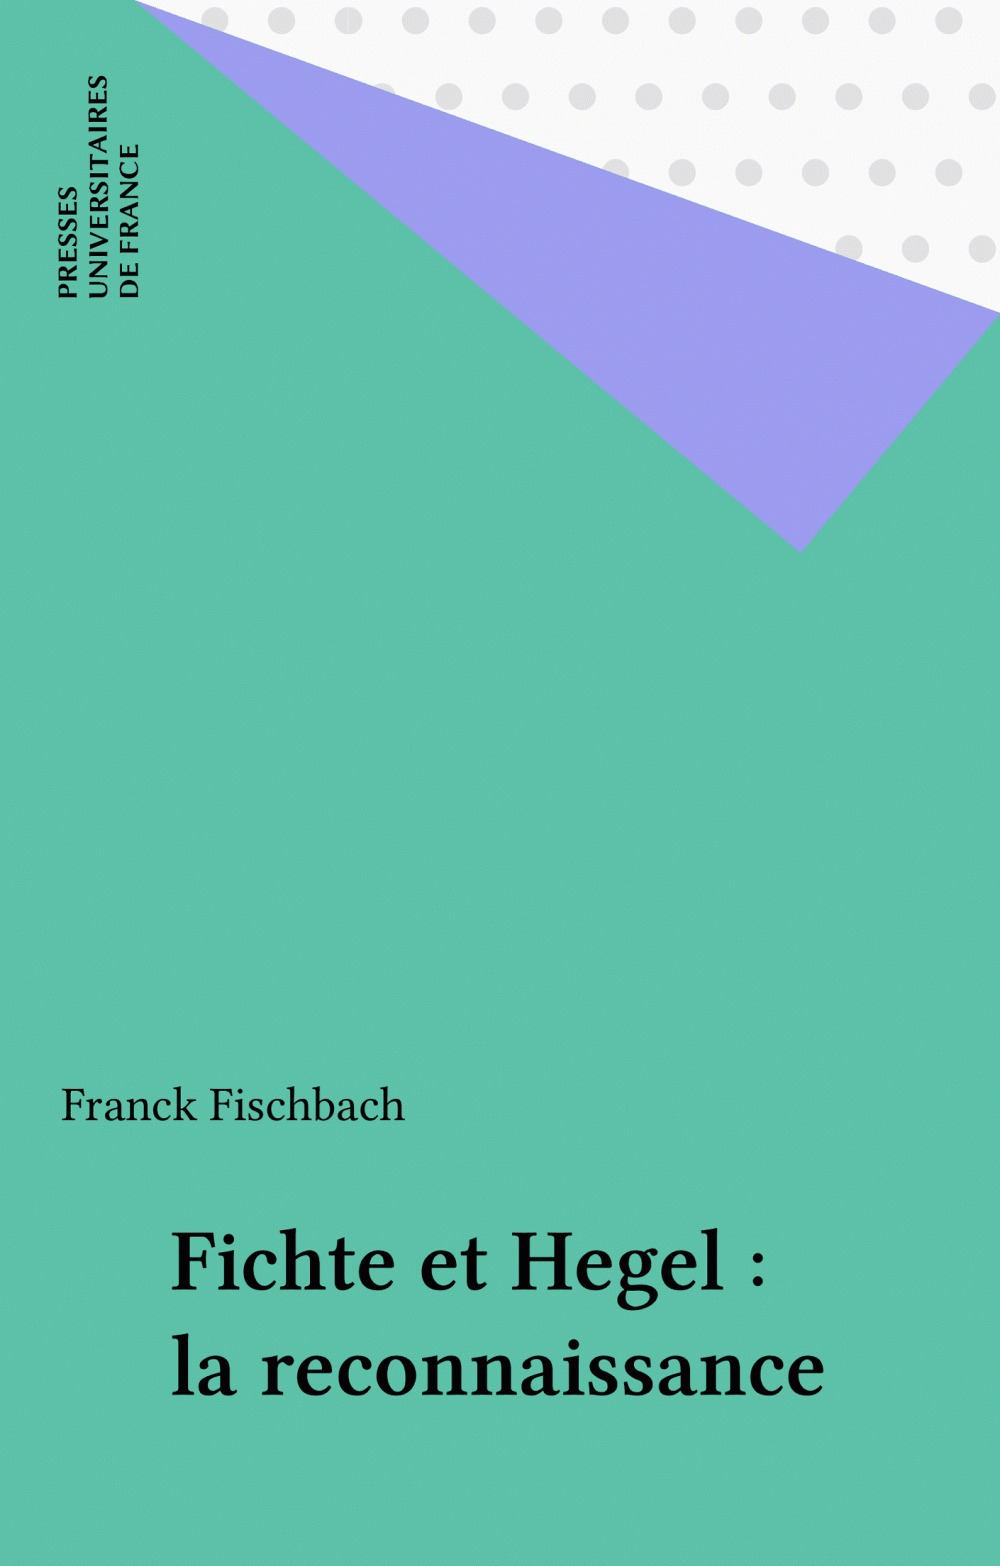 Fichte et hegel. la reconnaissance.